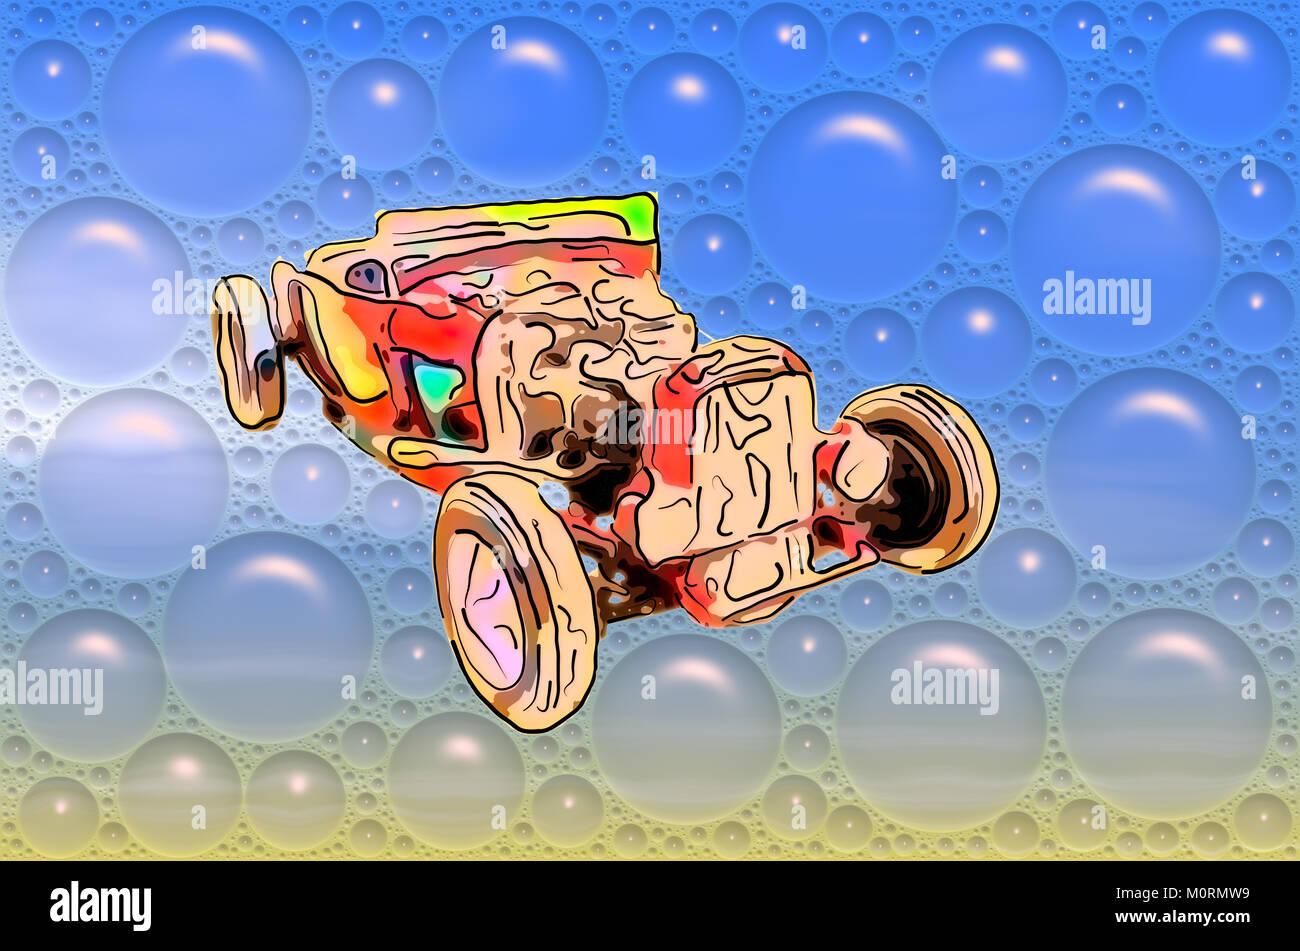 3273c33a15de78 Bild lustige cartooned rot antik Cabriolet in einem großen blauen  Seifenblasen